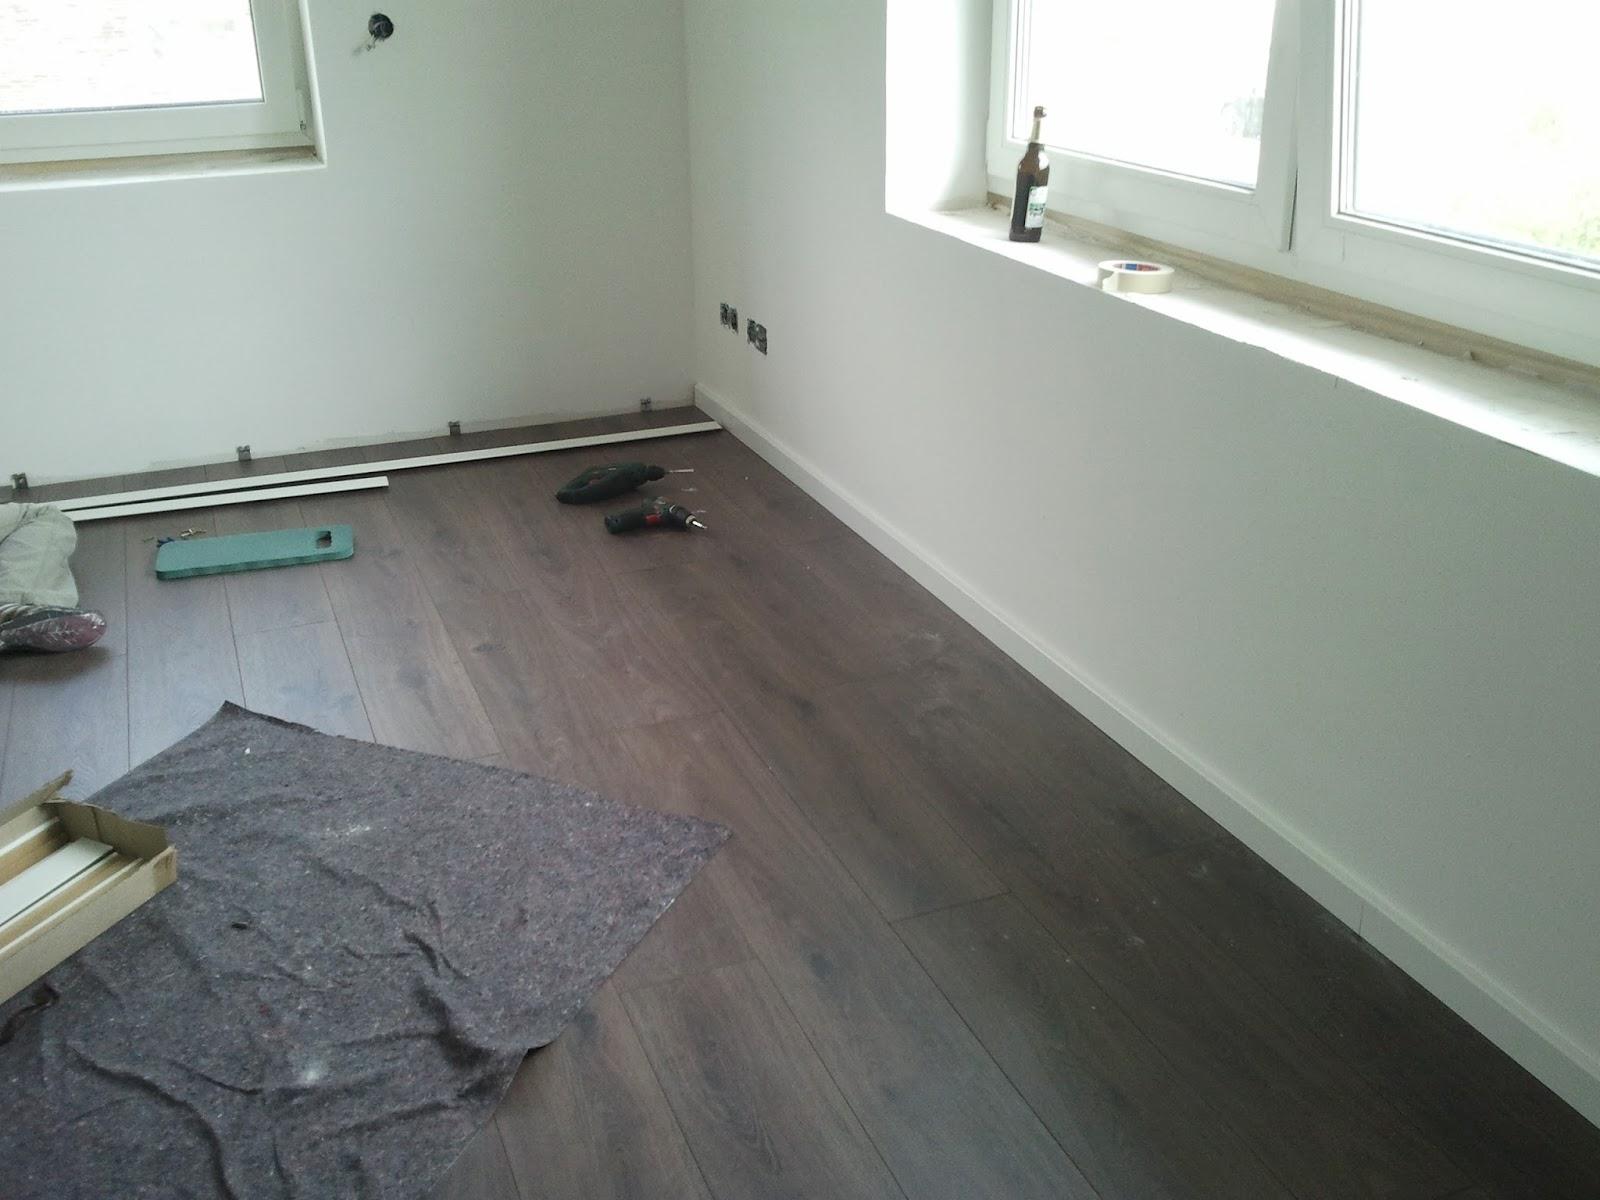 von hamburg nach neu wulmstorf ein weiterer schritt richtung umzug. Black Bedroom Furniture Sets. Home Design Ideas